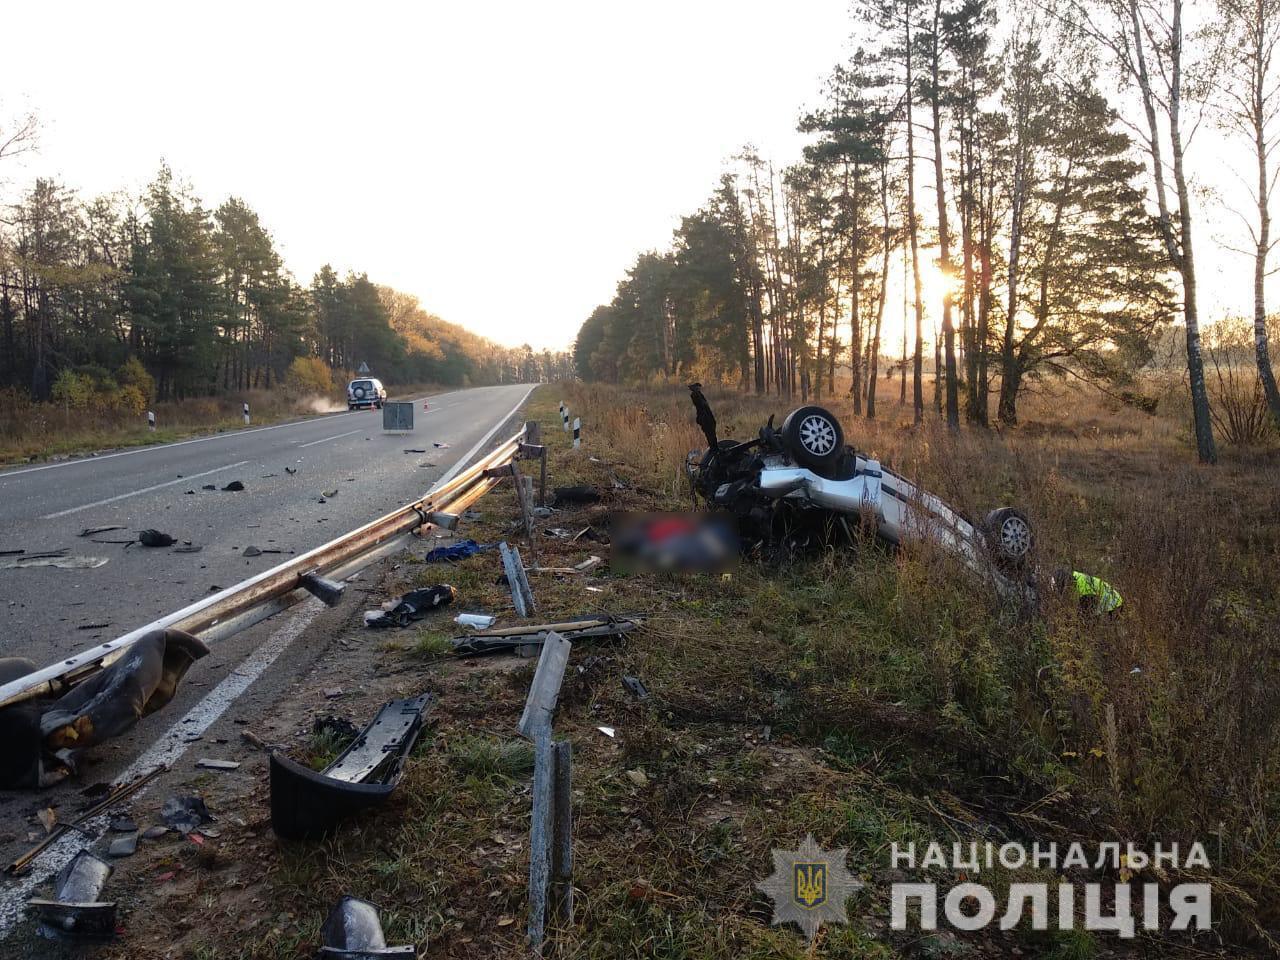 20-летний водитель Audi влетел в отбойник